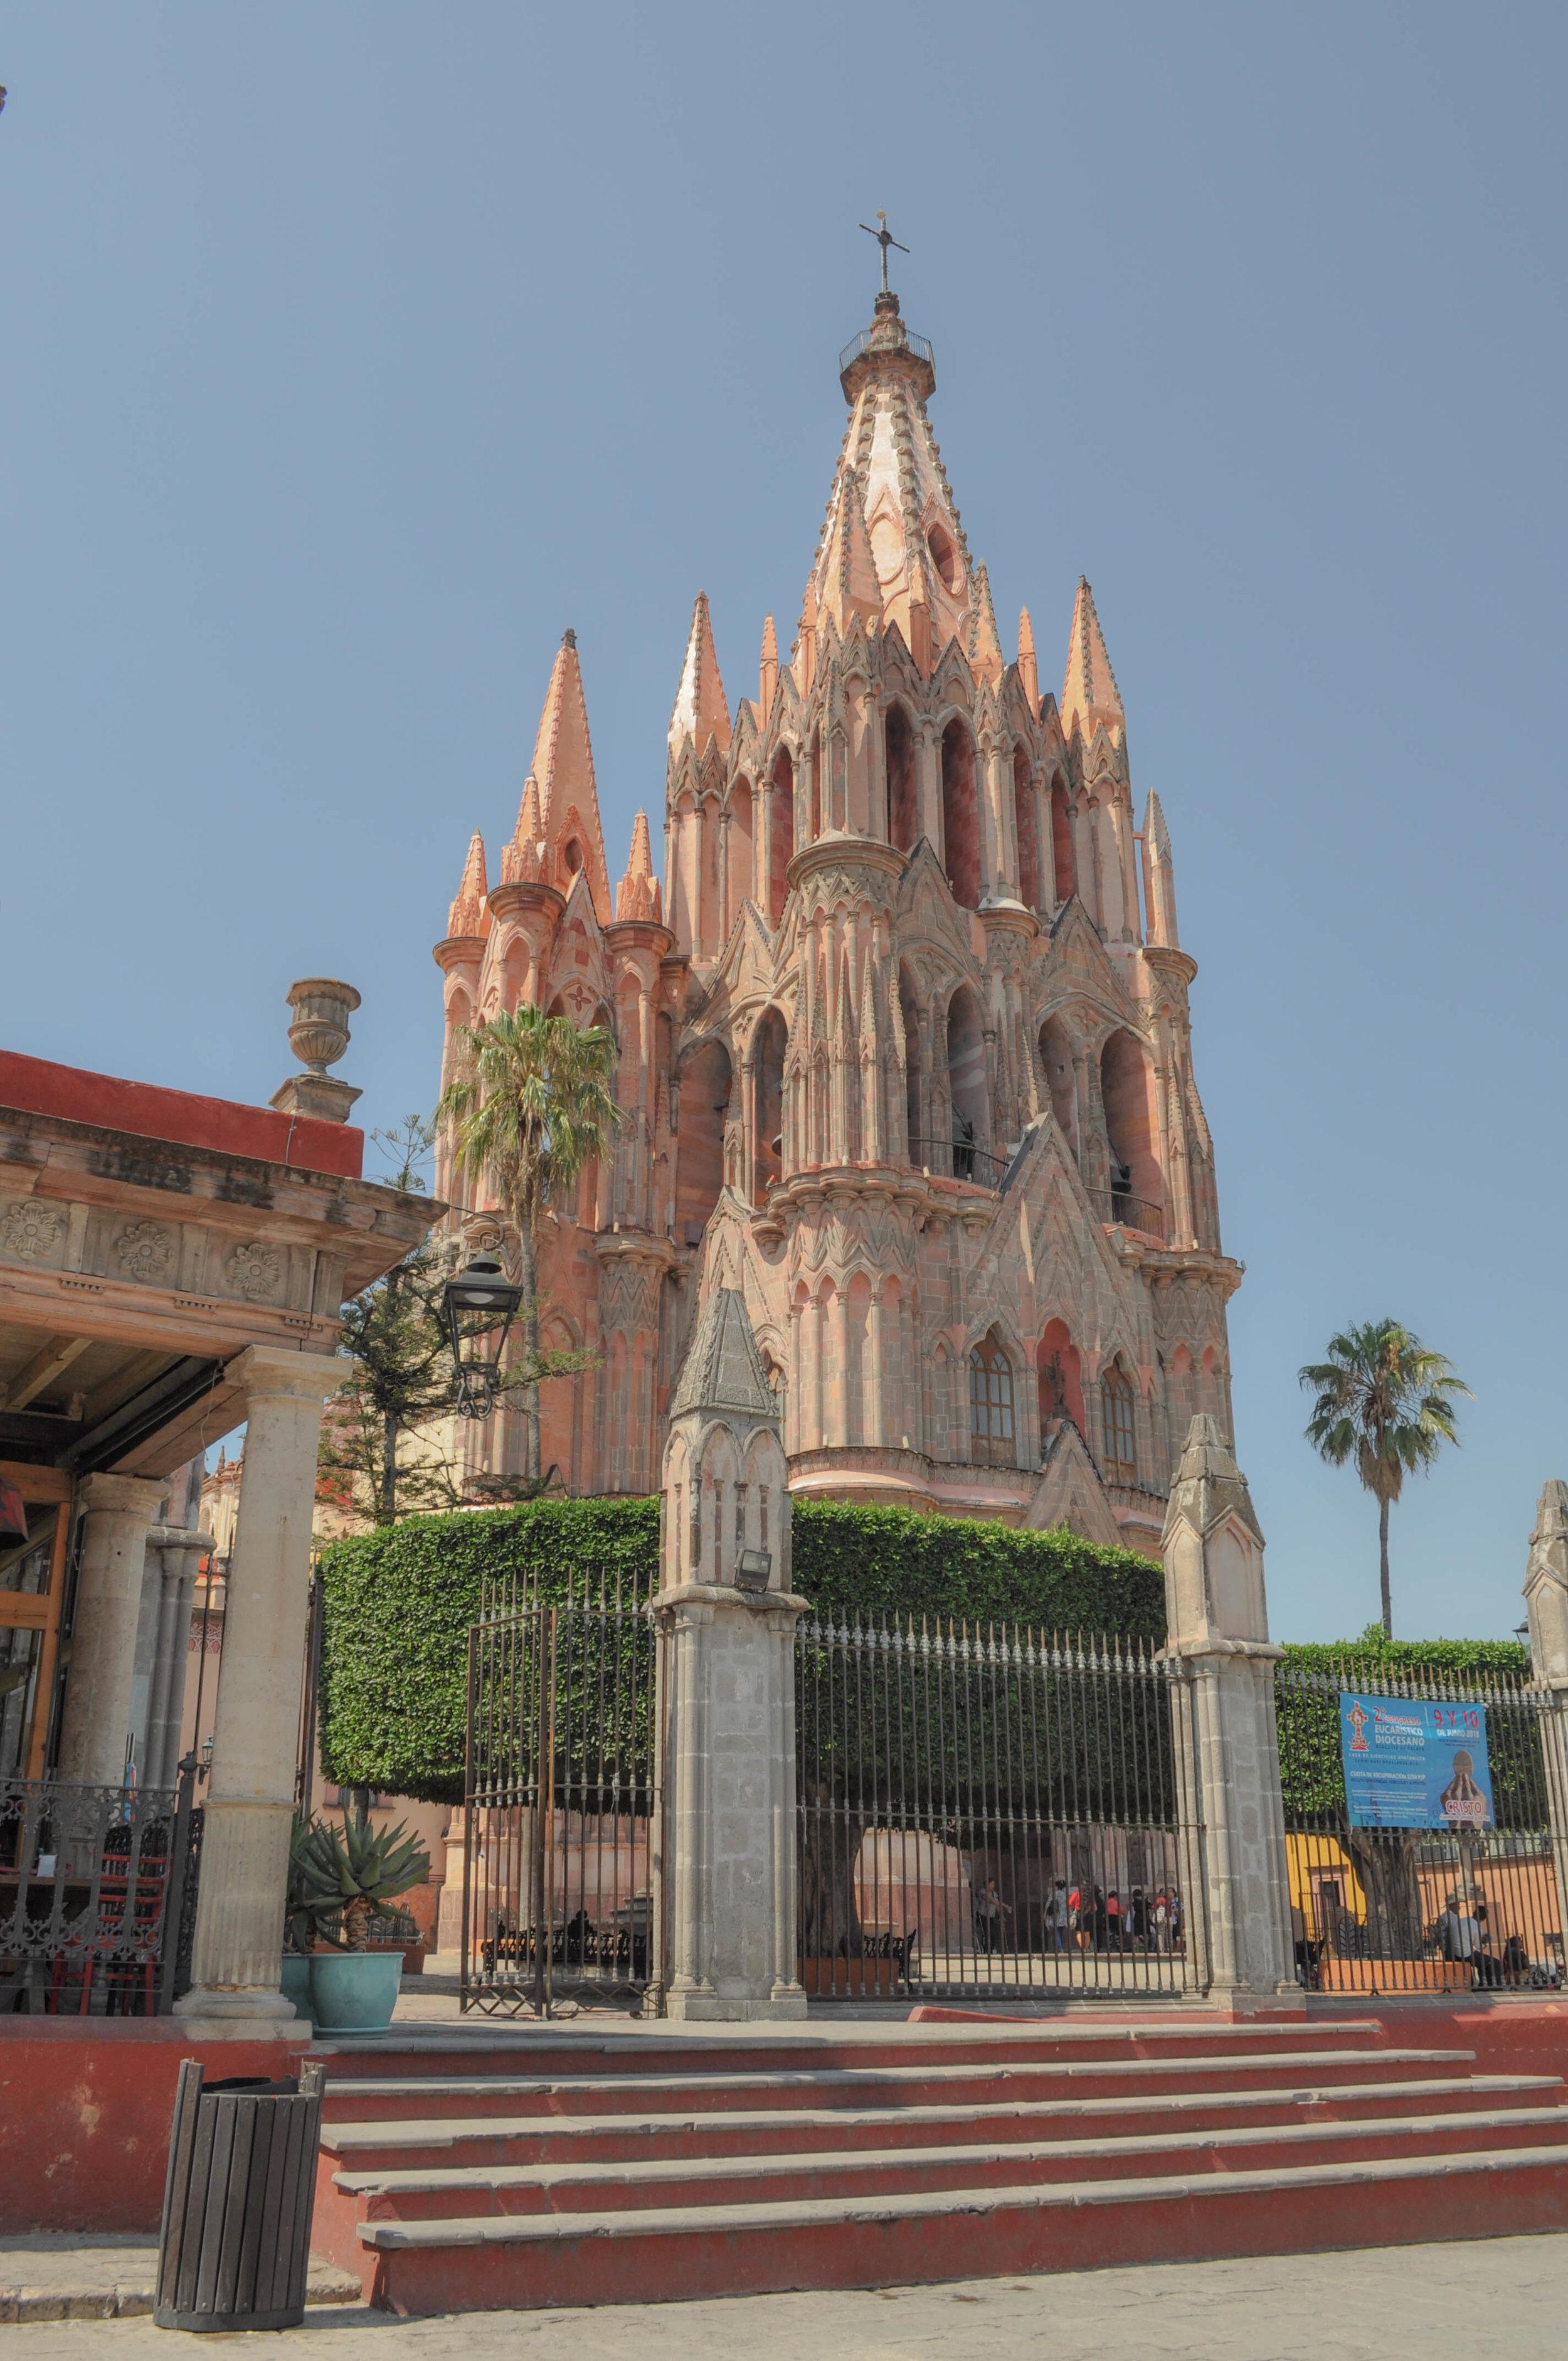 Parroquia San Miguel de Arcanguel